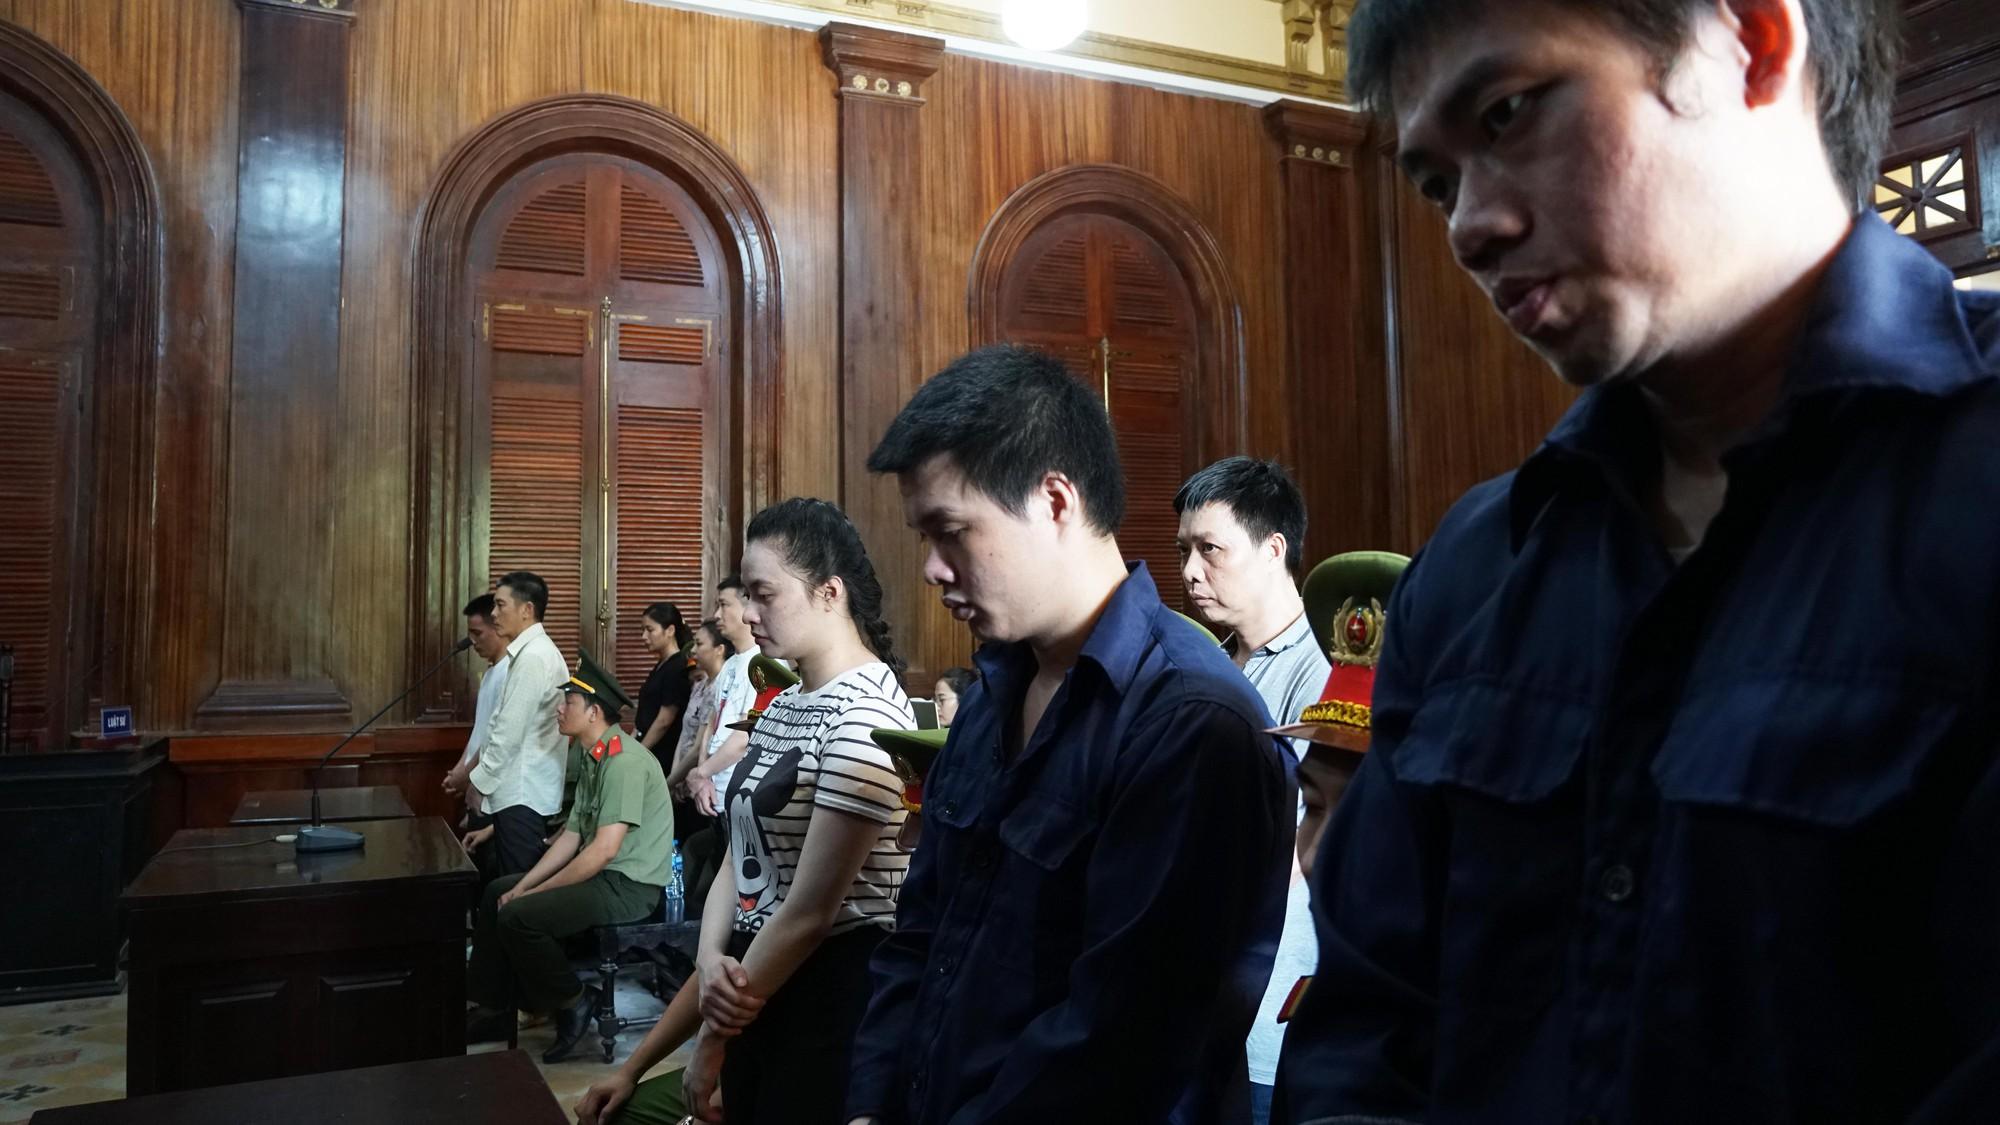 Tin tức pháp luật: Bộ Công an khám xét nhiều cửa hàng của Nhật Cường mobile, khởi tố tài xế say rượu tông chết 2 phụ nữ ở hầm Kim Liên - Ảnh 5.